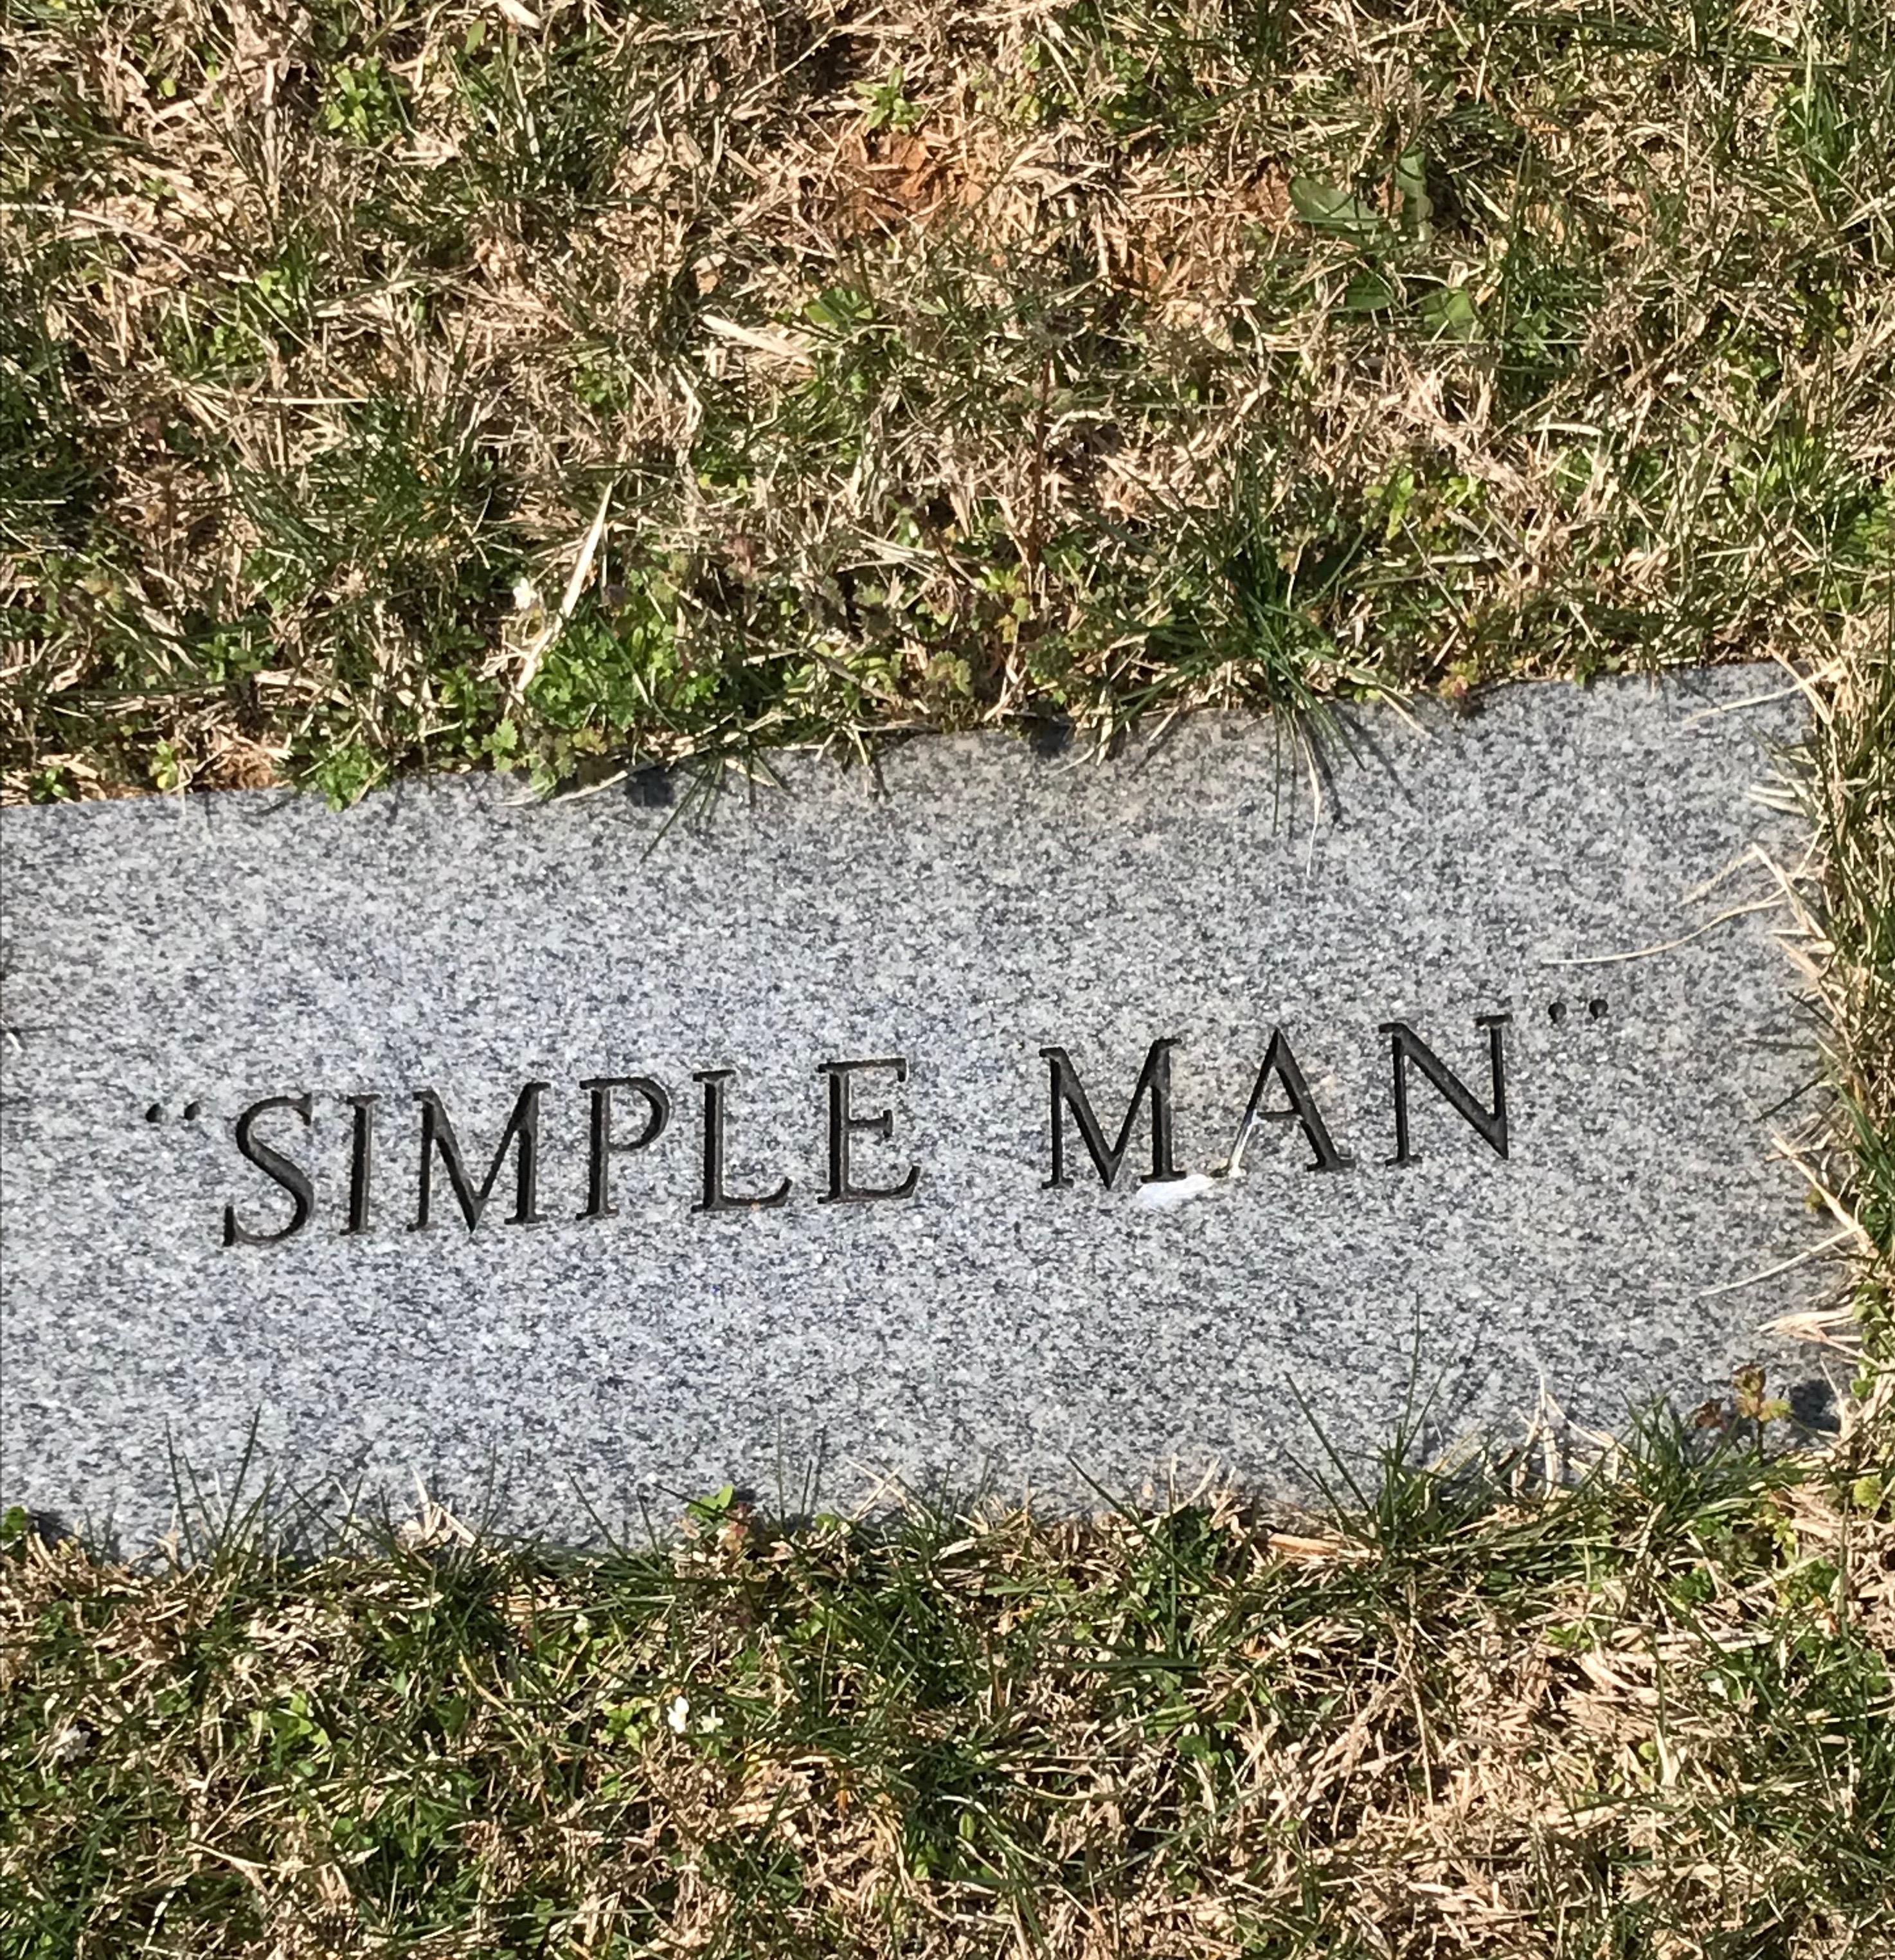 Choosing the Simple Way